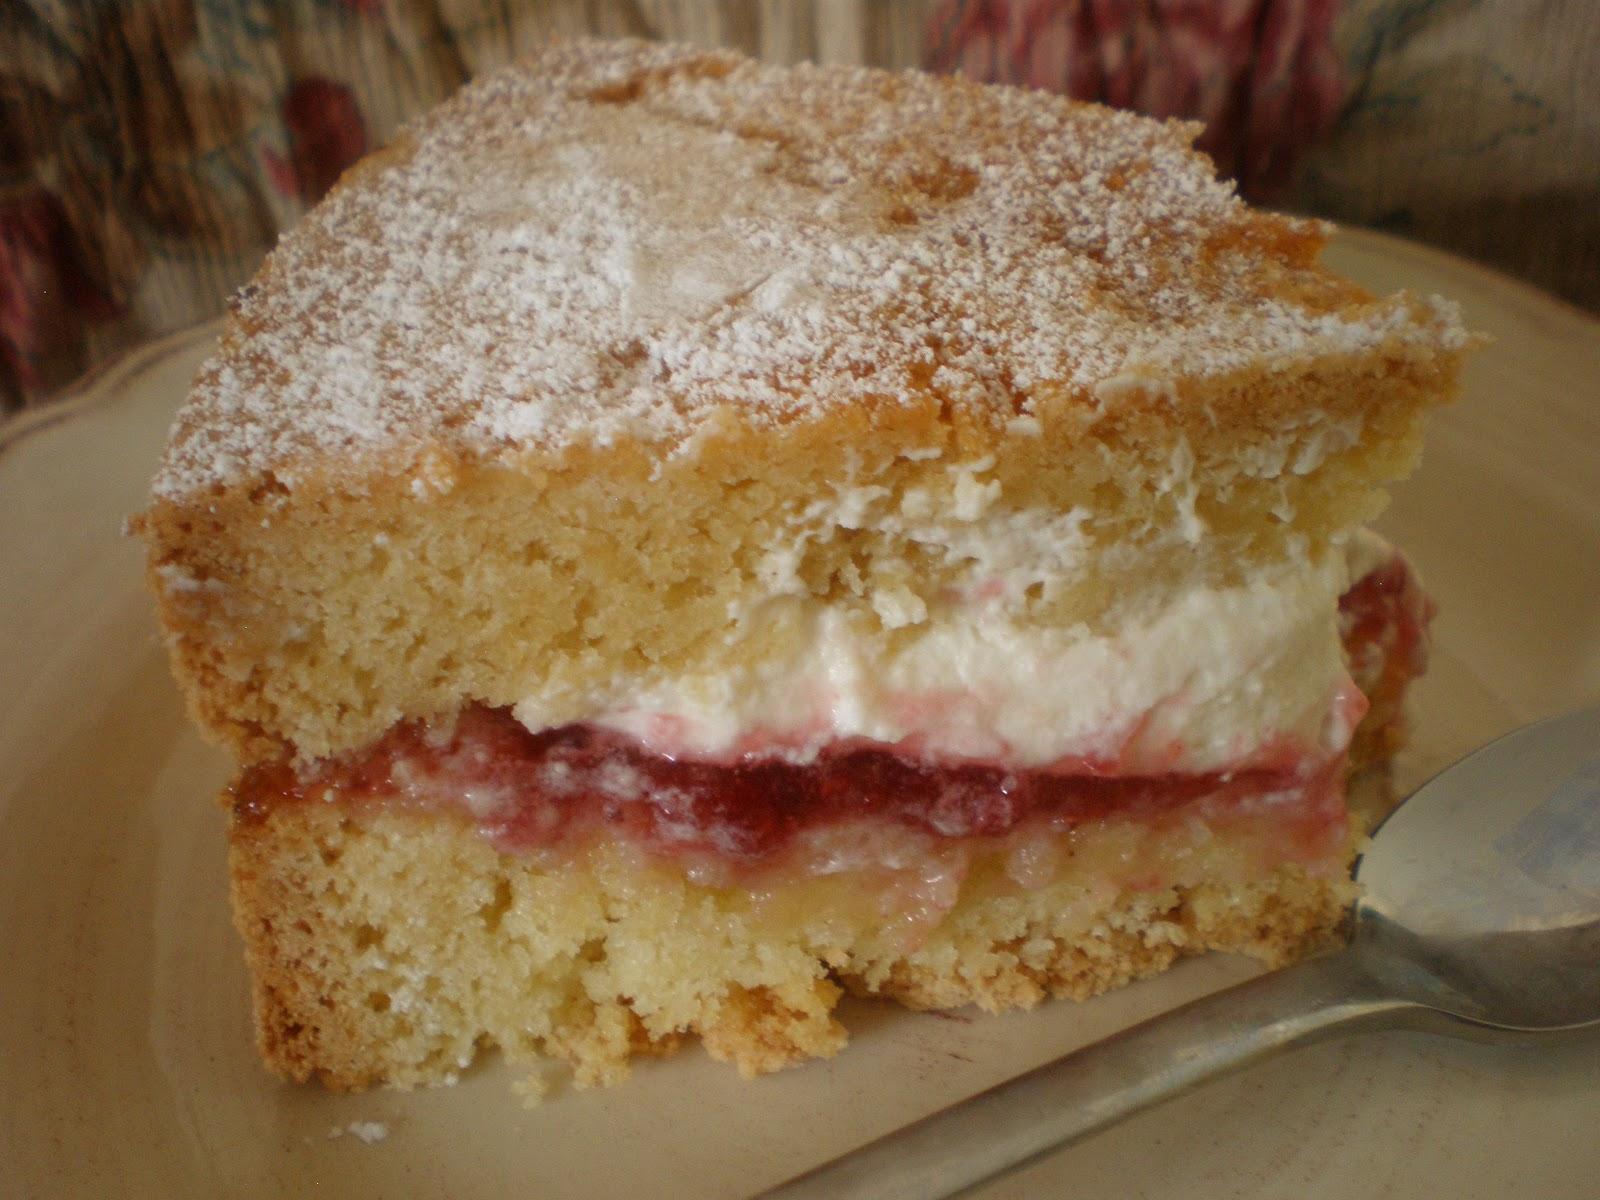 Egg Free Sponge Cake Recipe Easy